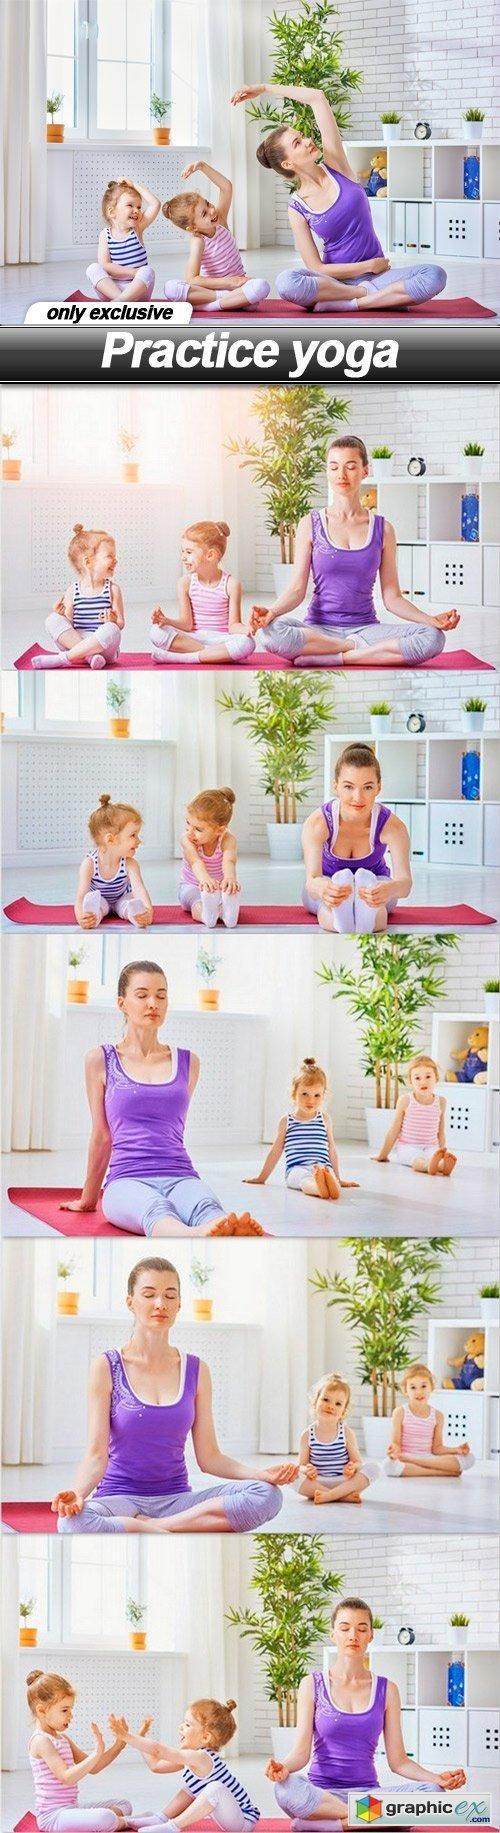 Practice yoga - 6 UHQ JPEG